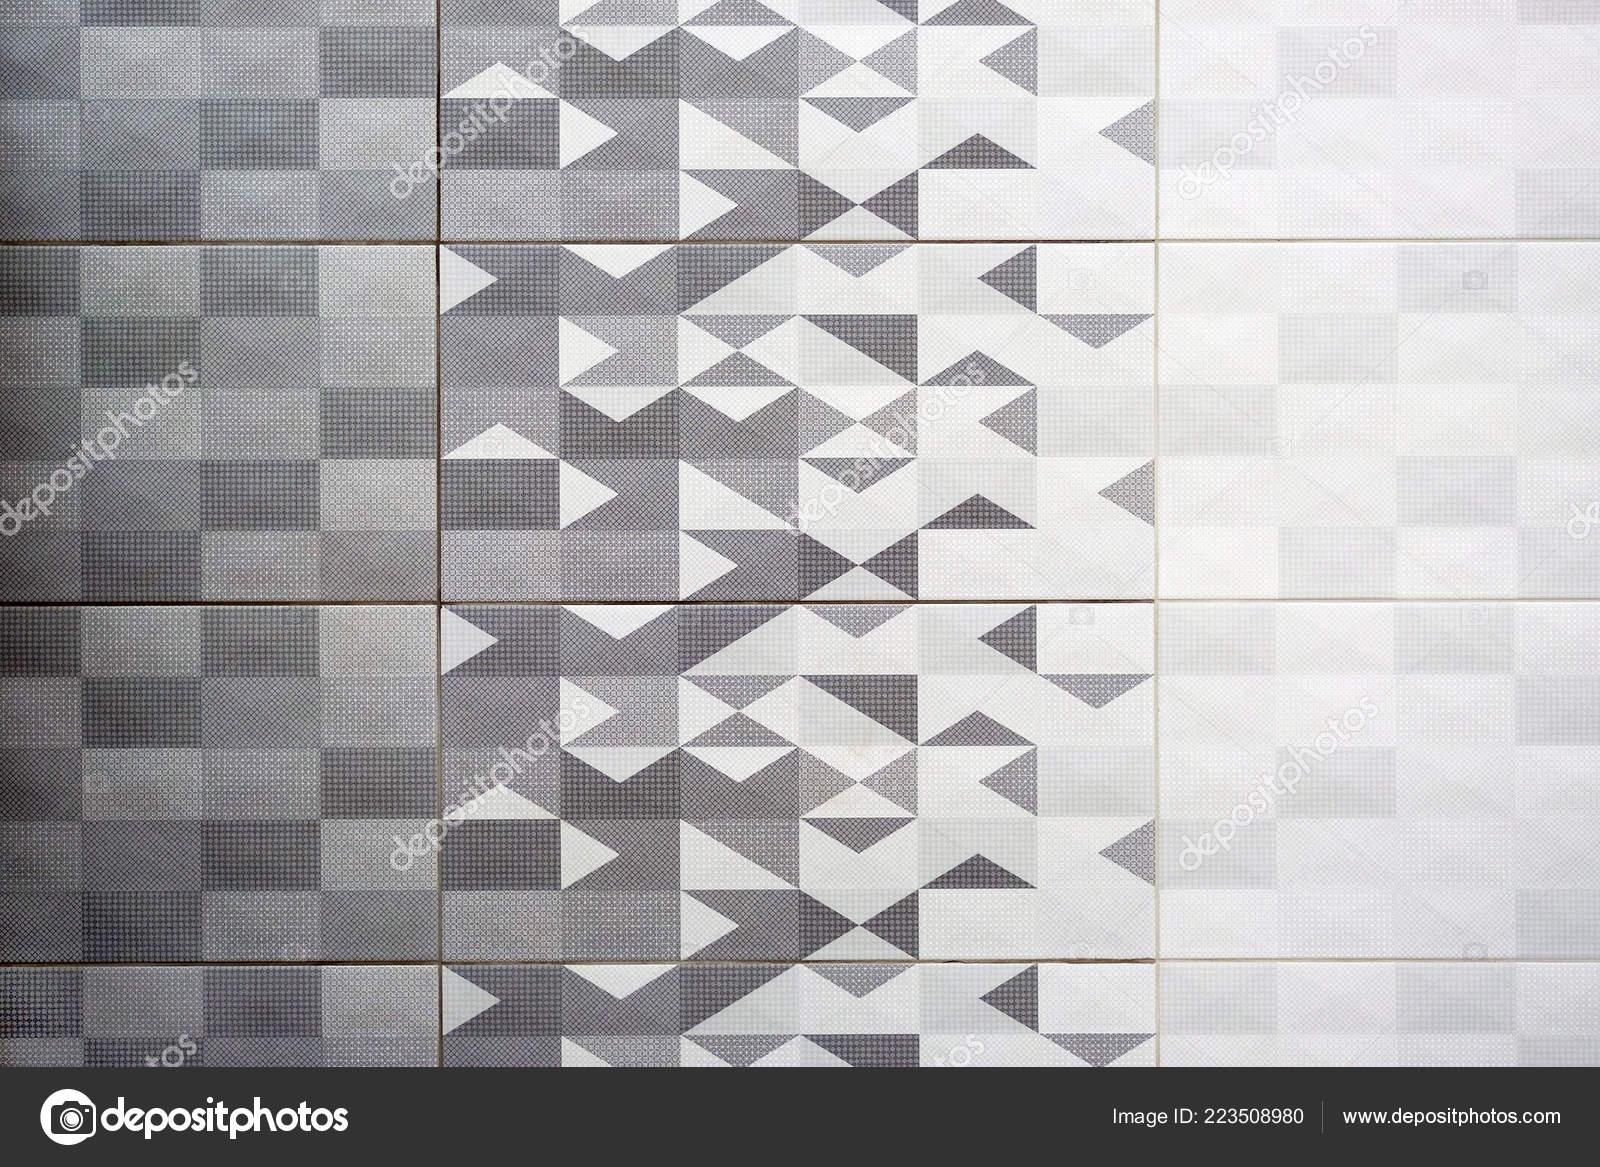 Piastrelle ceramica grigio quadrato scuro senza giunte struttura